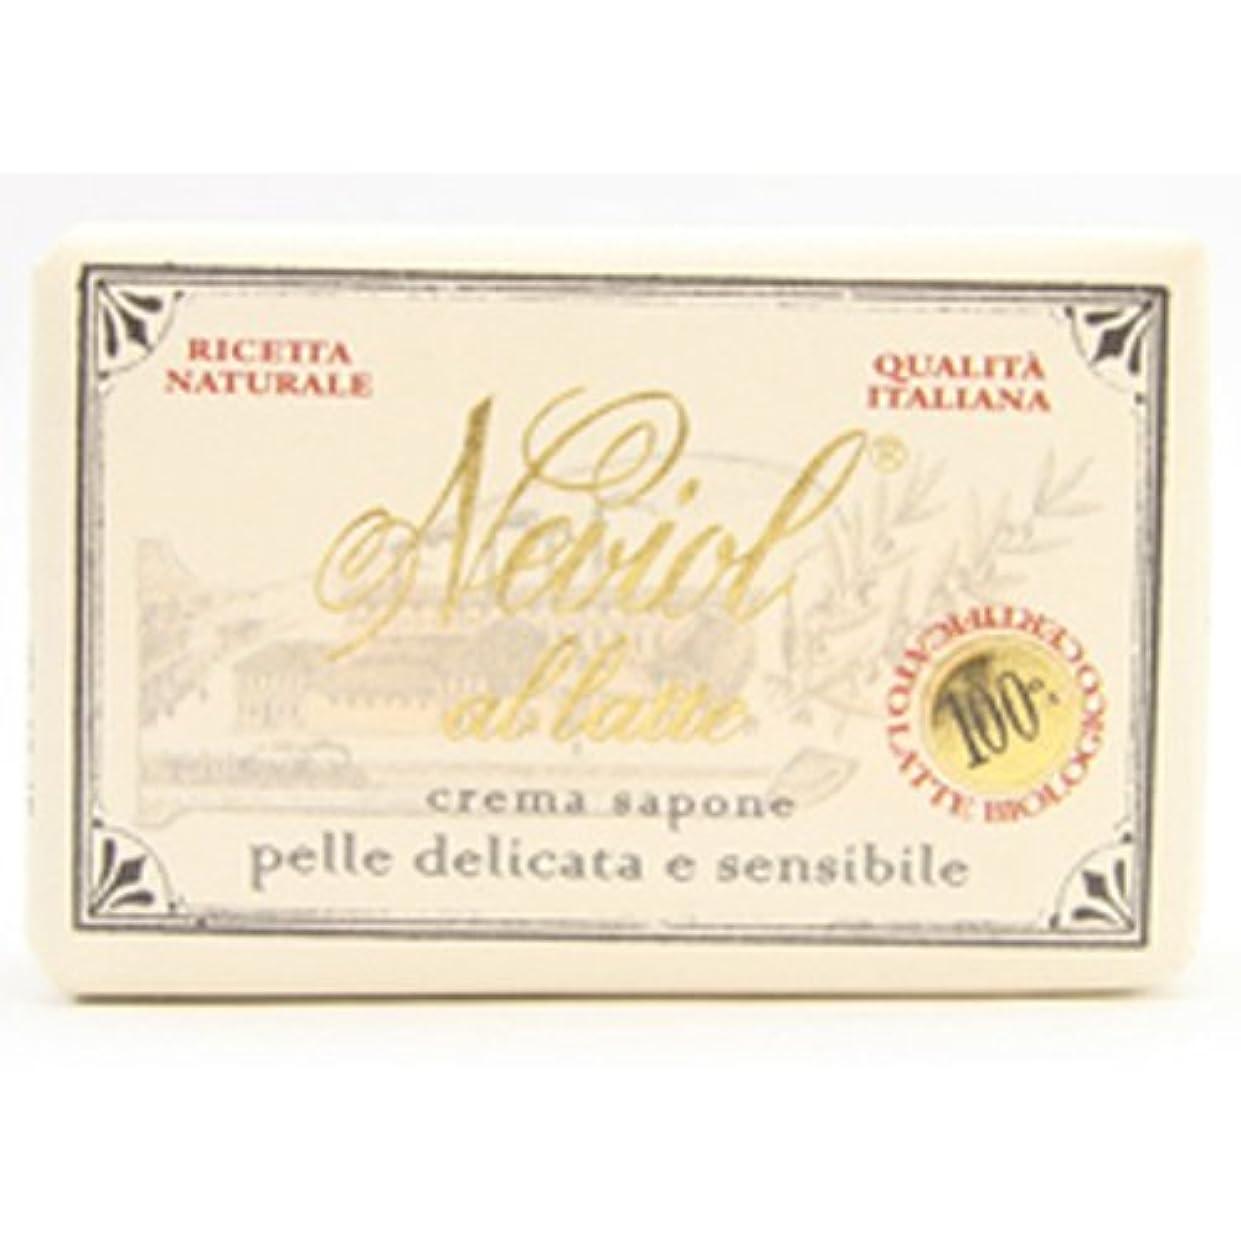 高度記念品自分自身Saponerire Fissi  サポネリーフィッシー milk baby soap ミルク ベビー ソープ 150g cream sapone